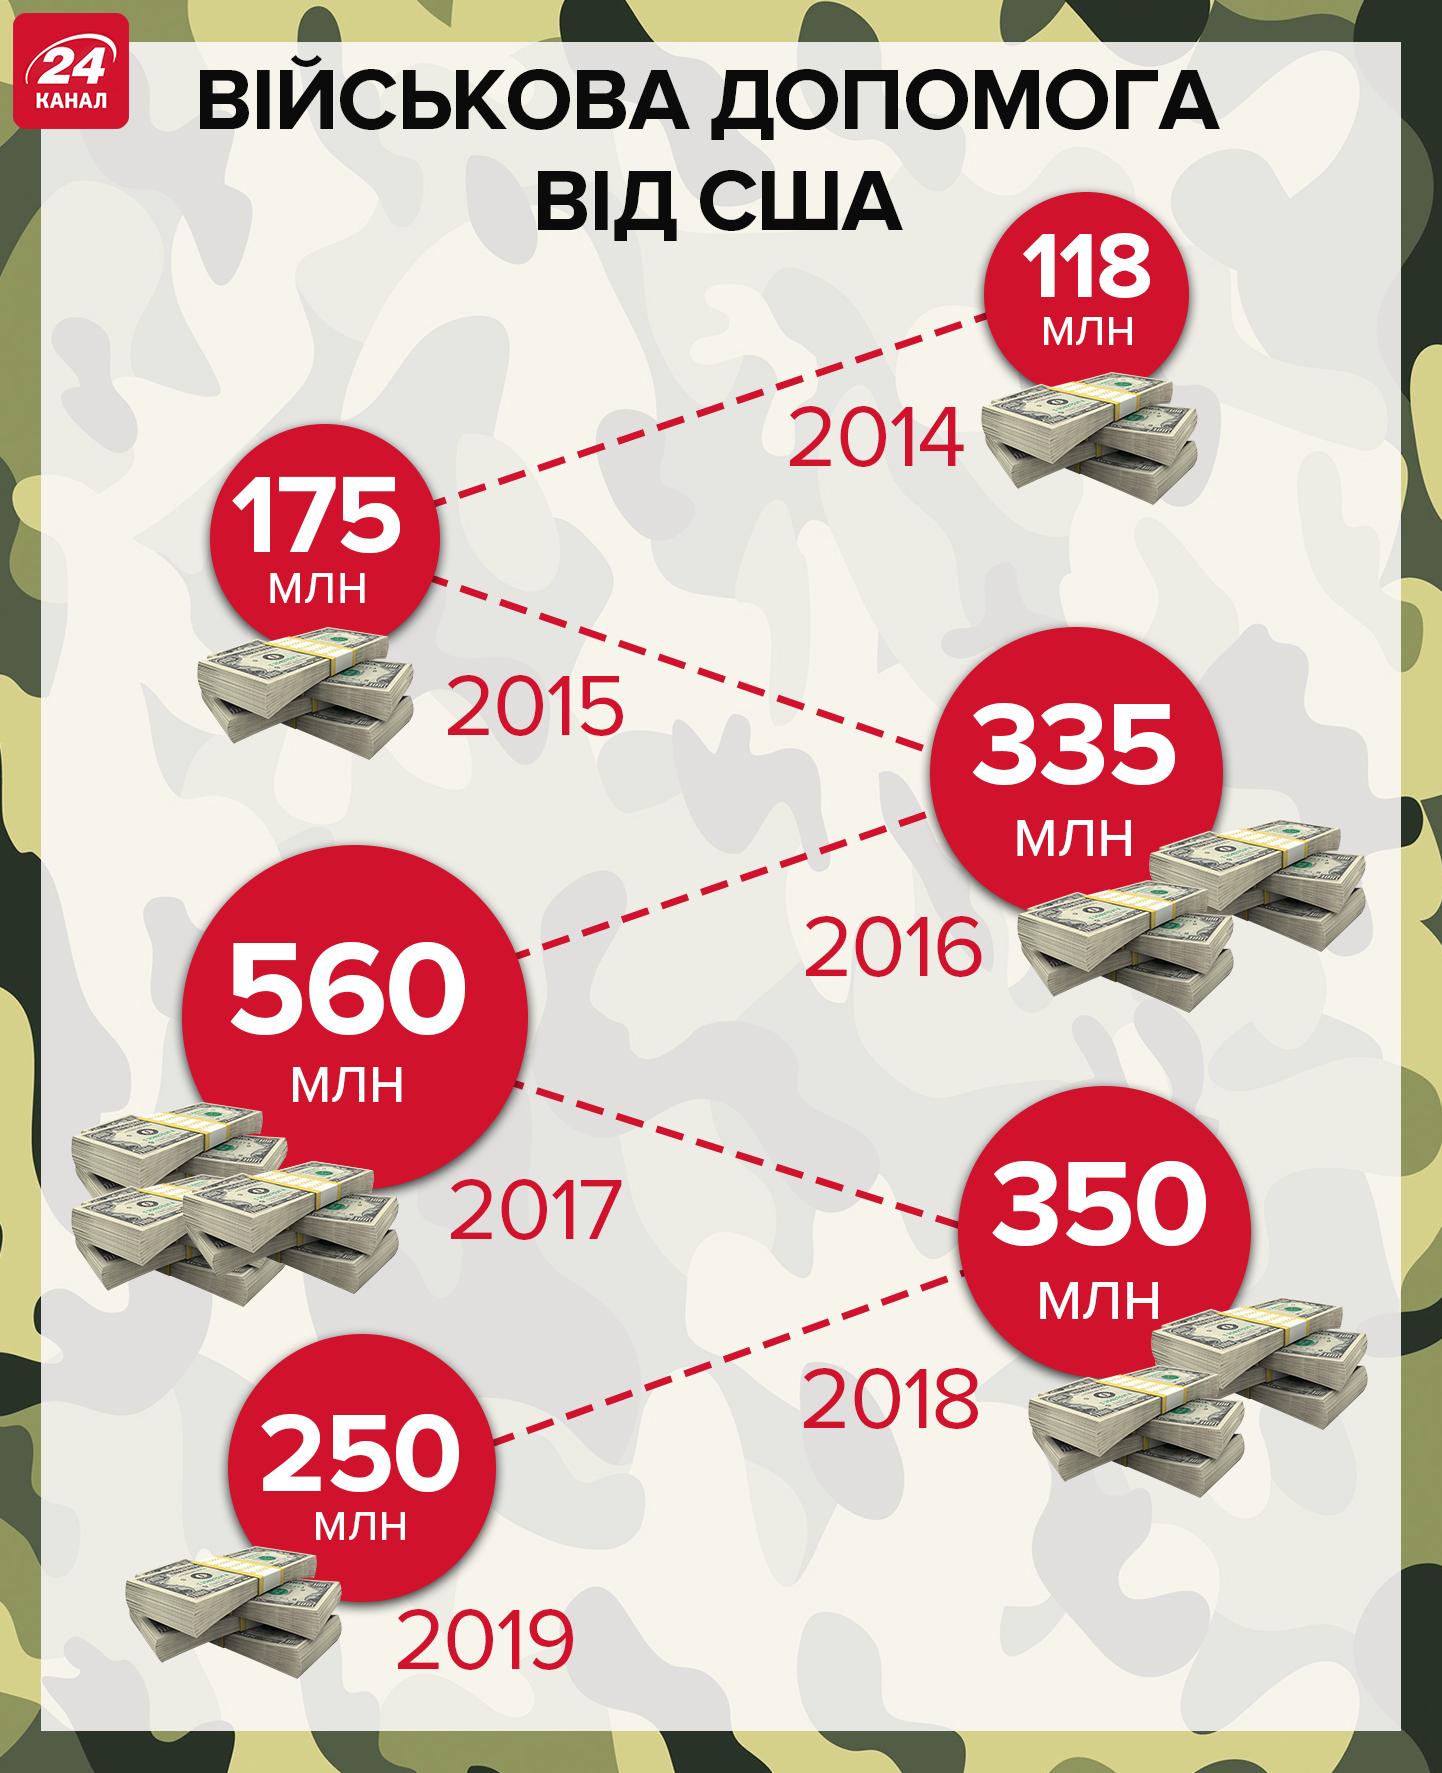 сша зброя військова допомога Україна гроші